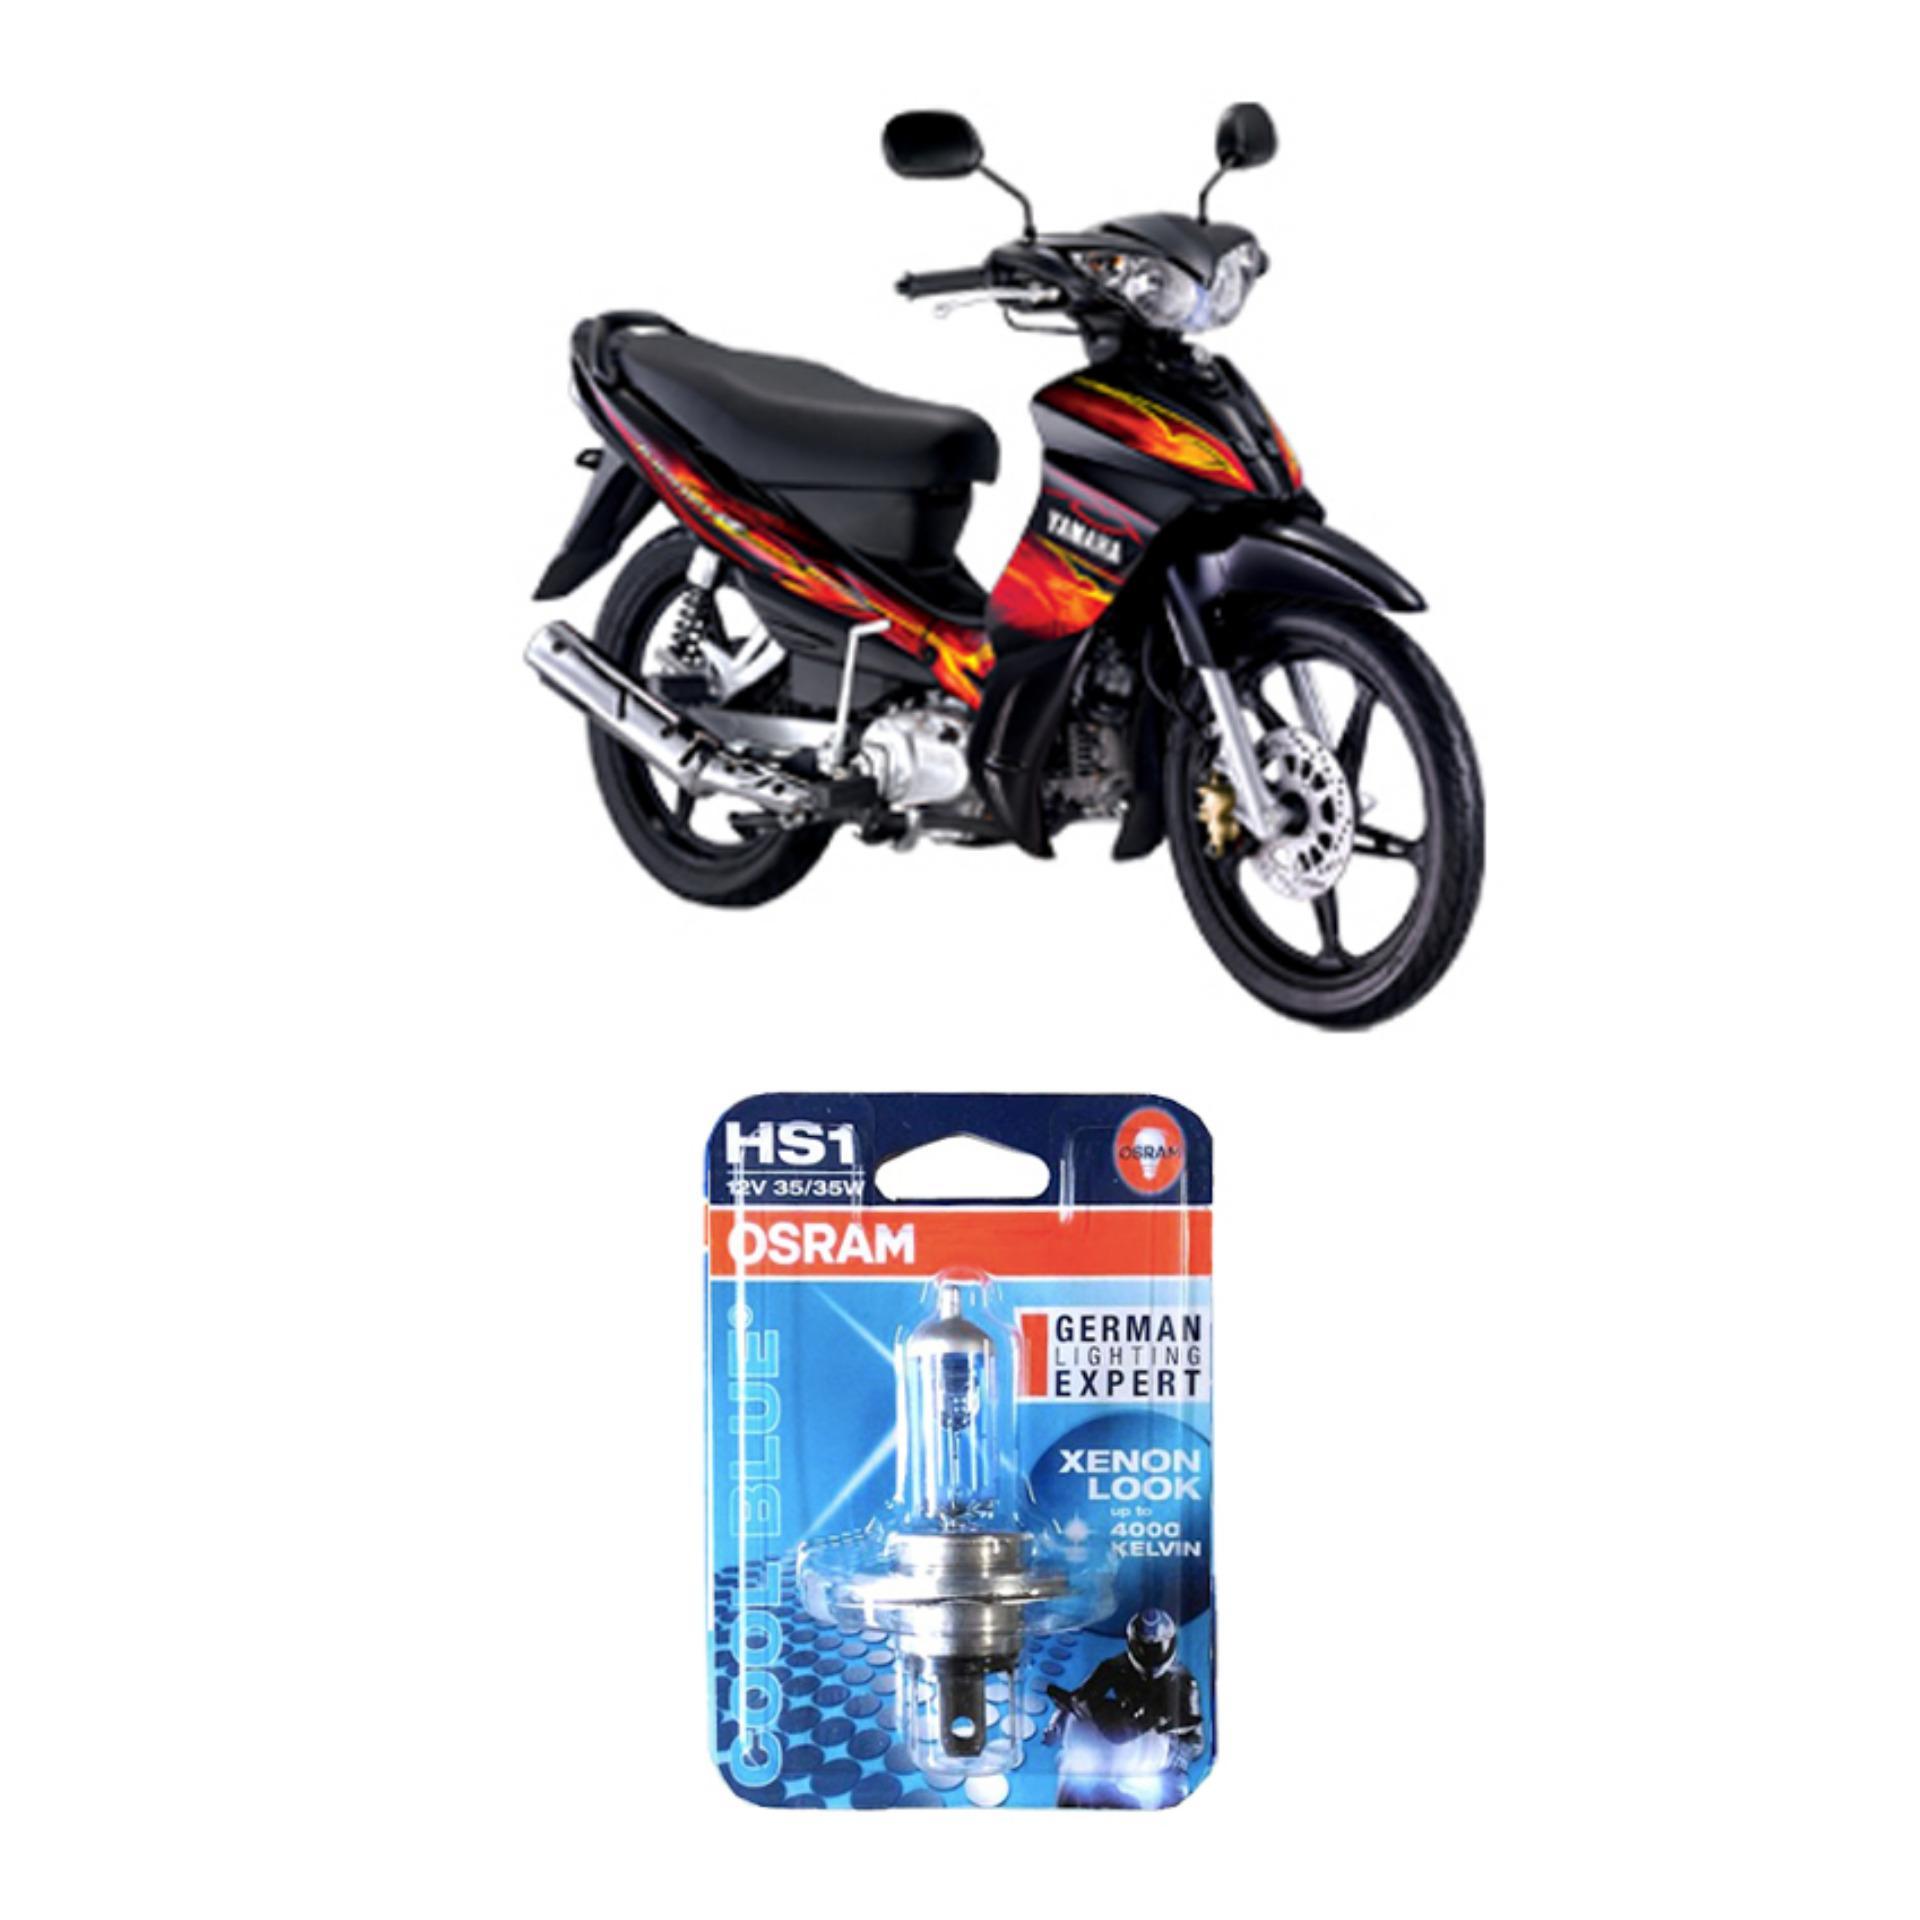 Flash Sale Osram Lampu Depan Motor Yamaha Jupiter Z - 62337CB - 1 Pcs